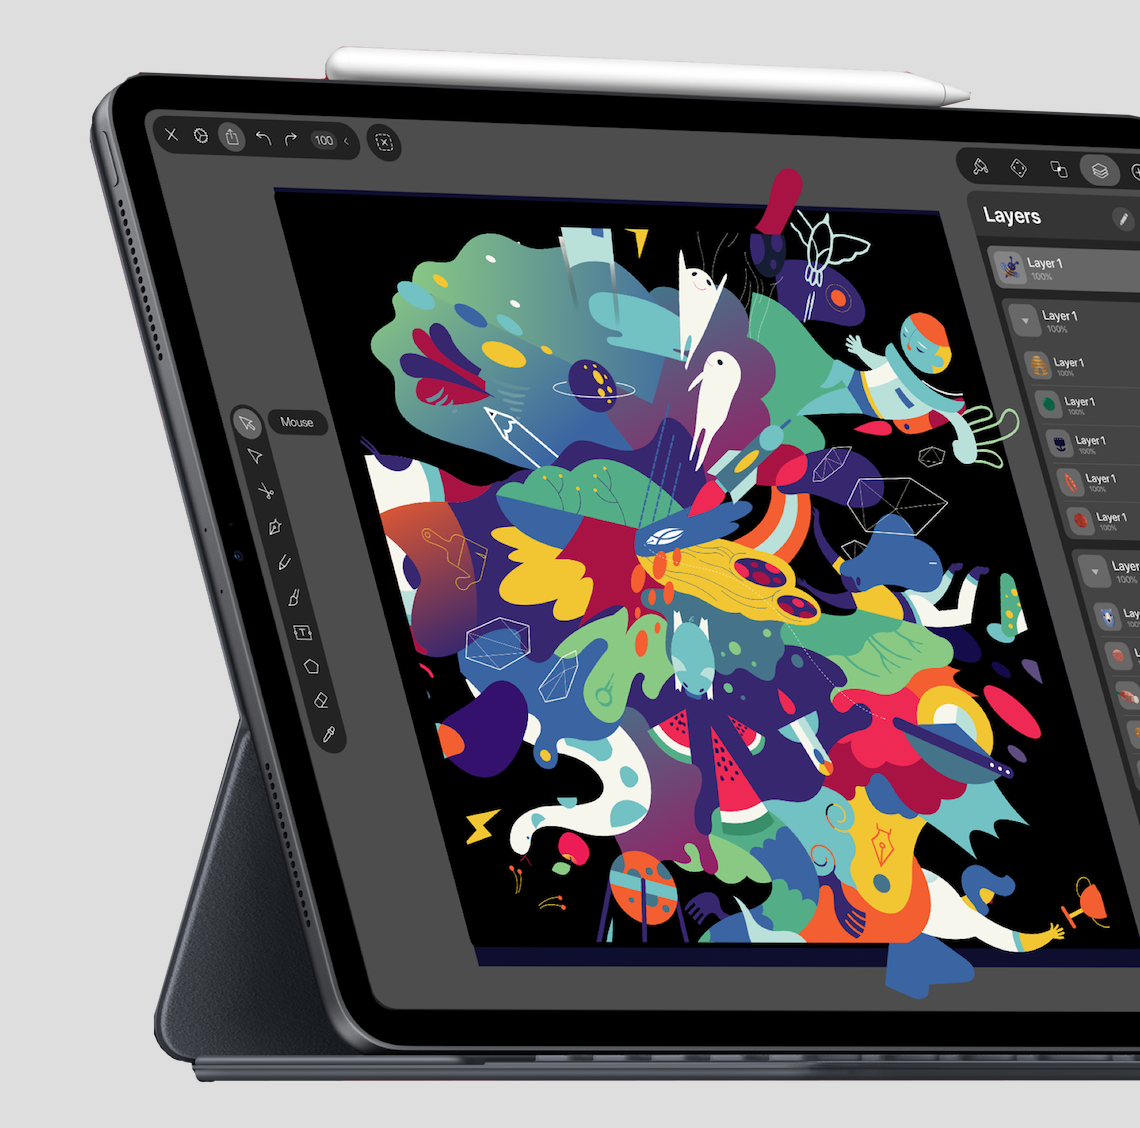 Best iPad for graphic design?